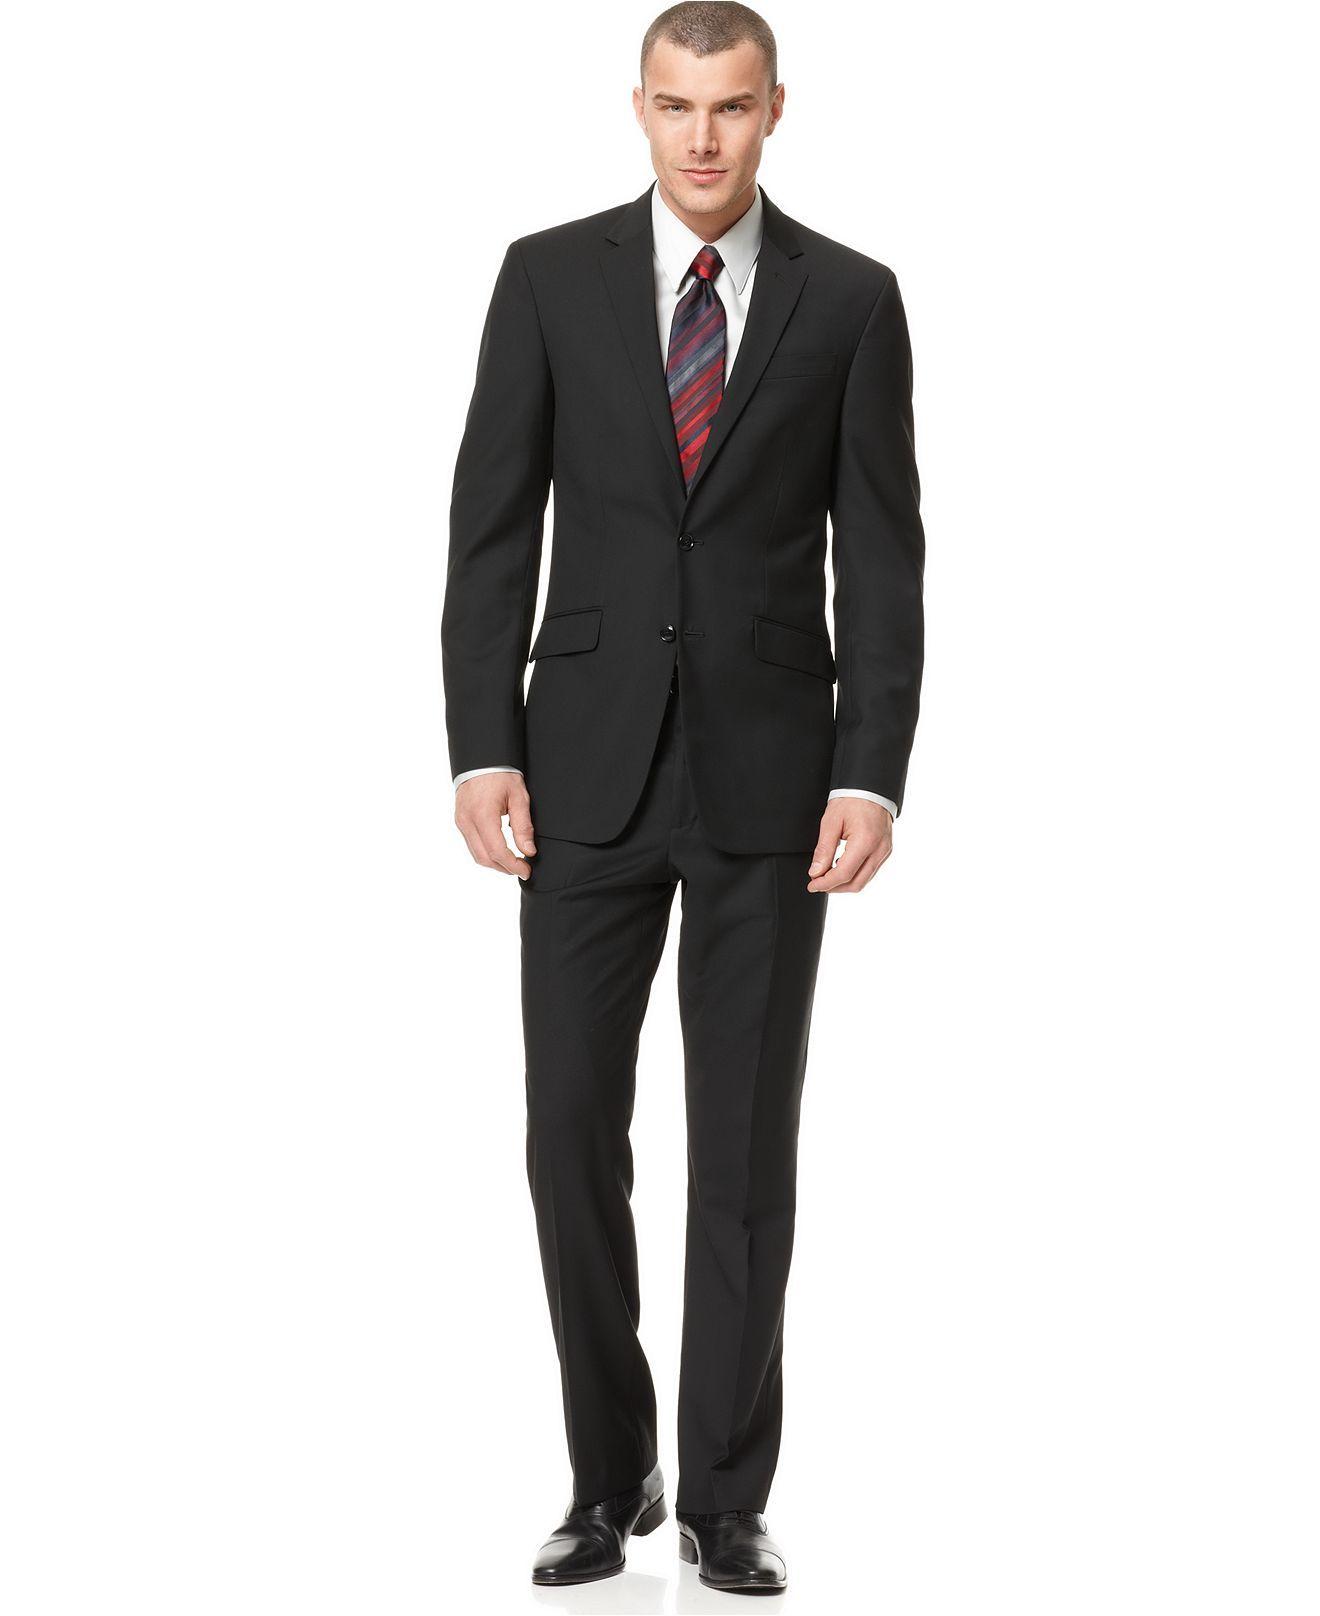 Kenneth Cole Reaction Black Slim-Fit Suit   Coats, Suits & suit ...